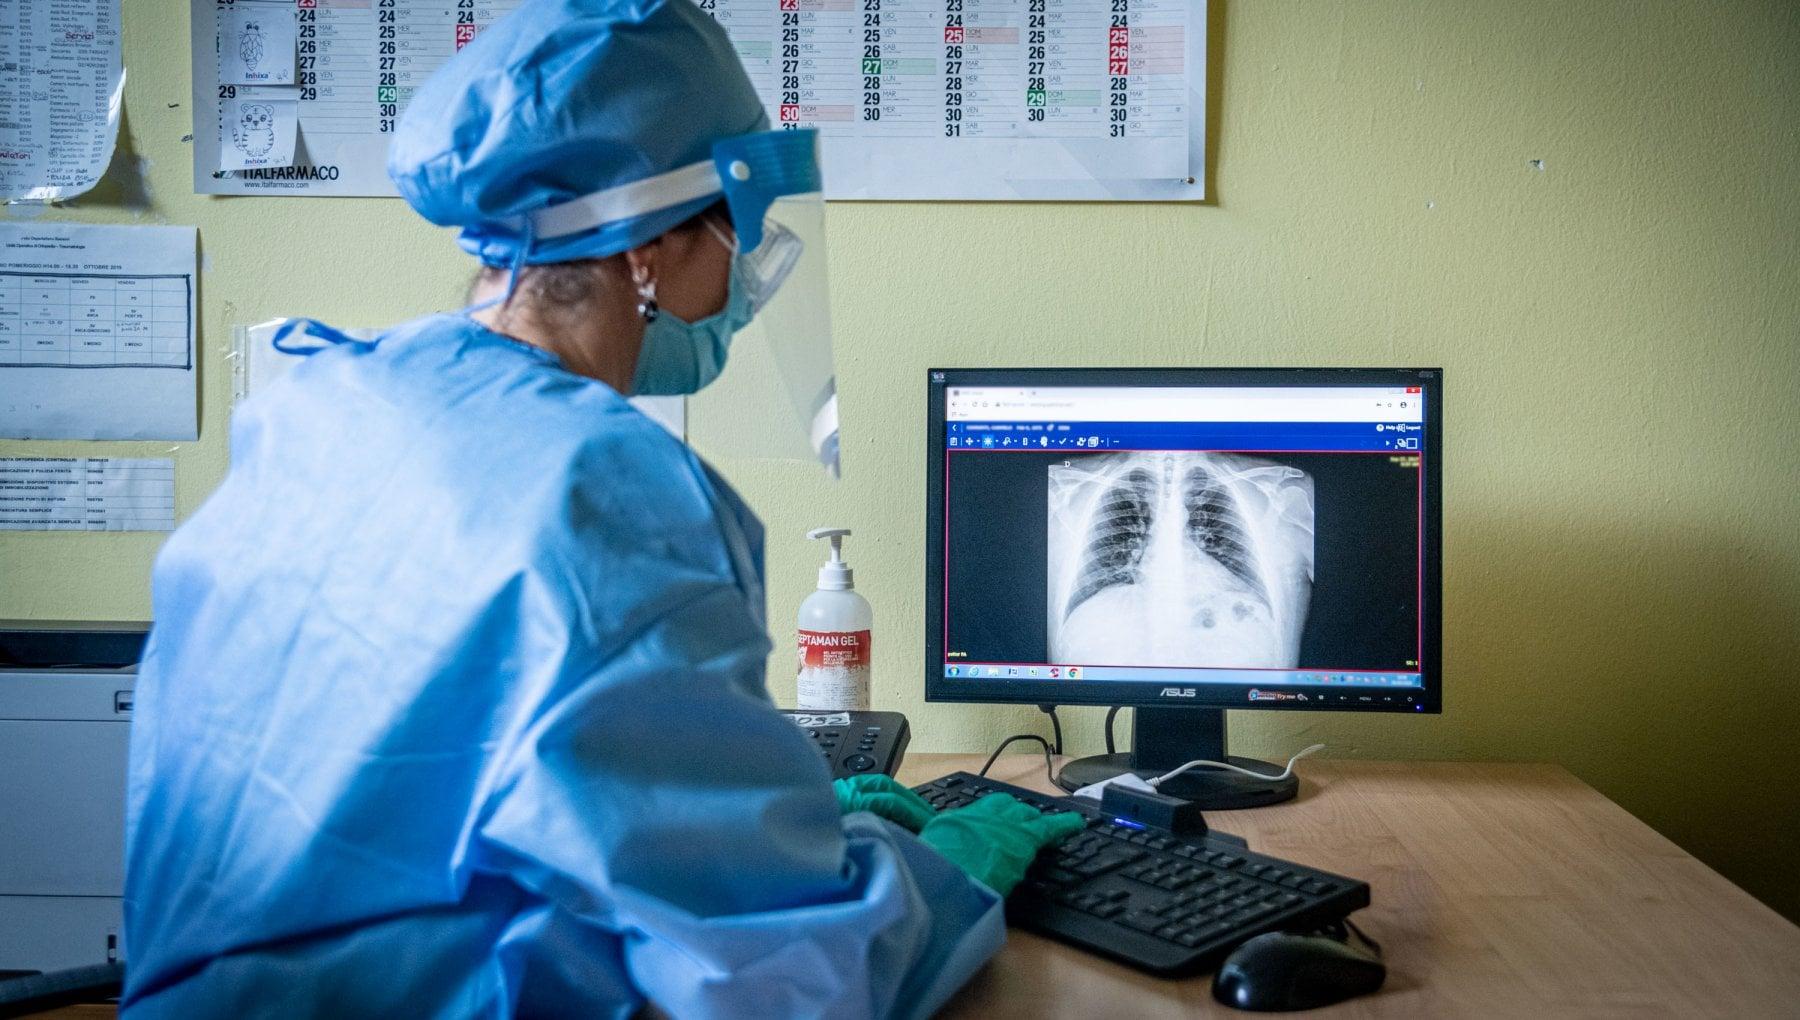 Lecografia piu efficace del tampone nello scoprire la polmonite da Covid 19